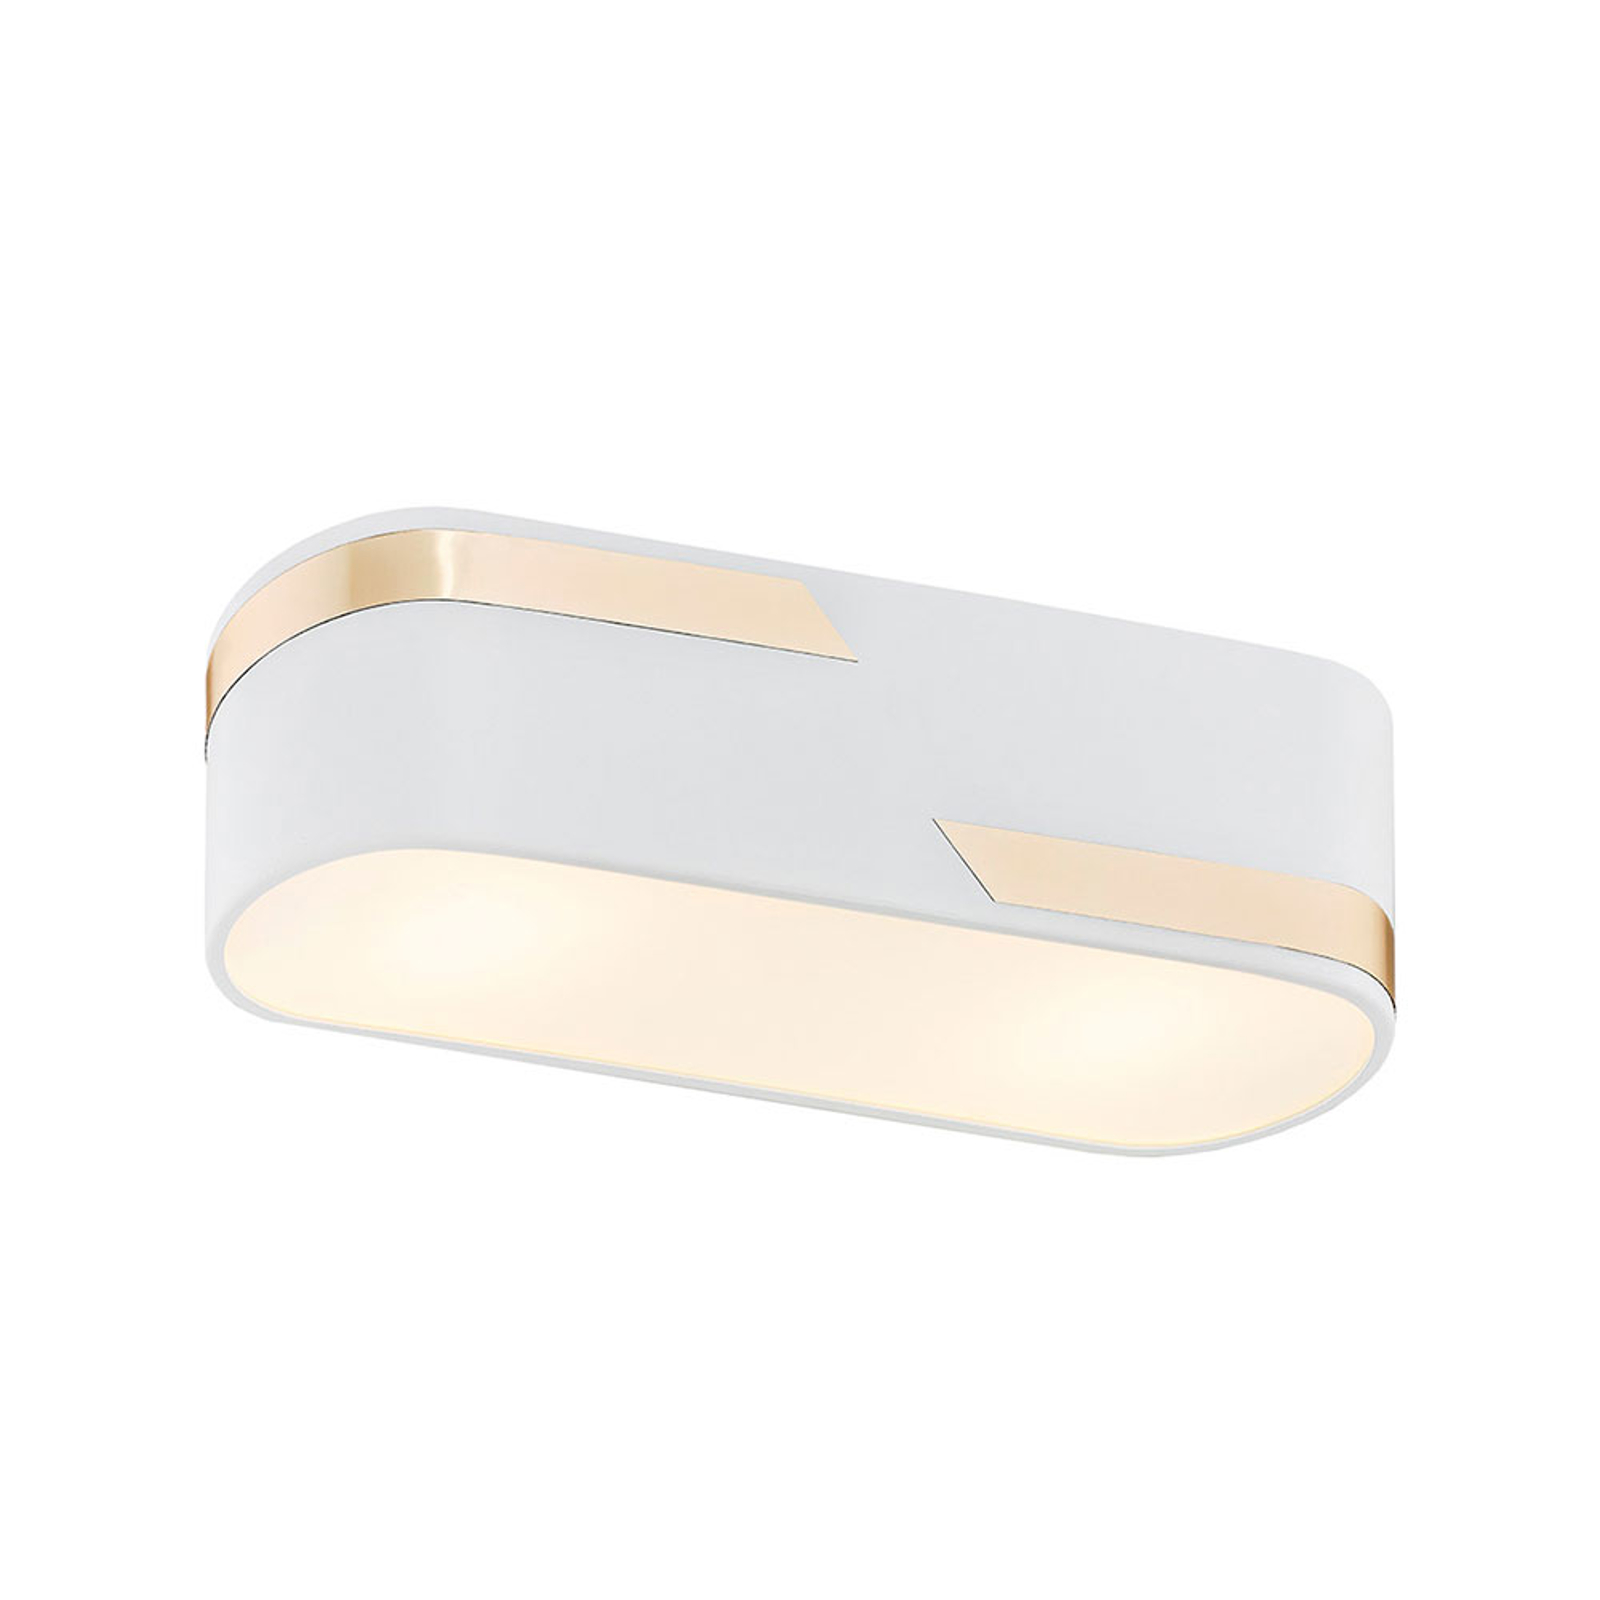 Taklampe Tilden, 30 cm, hvit/gull